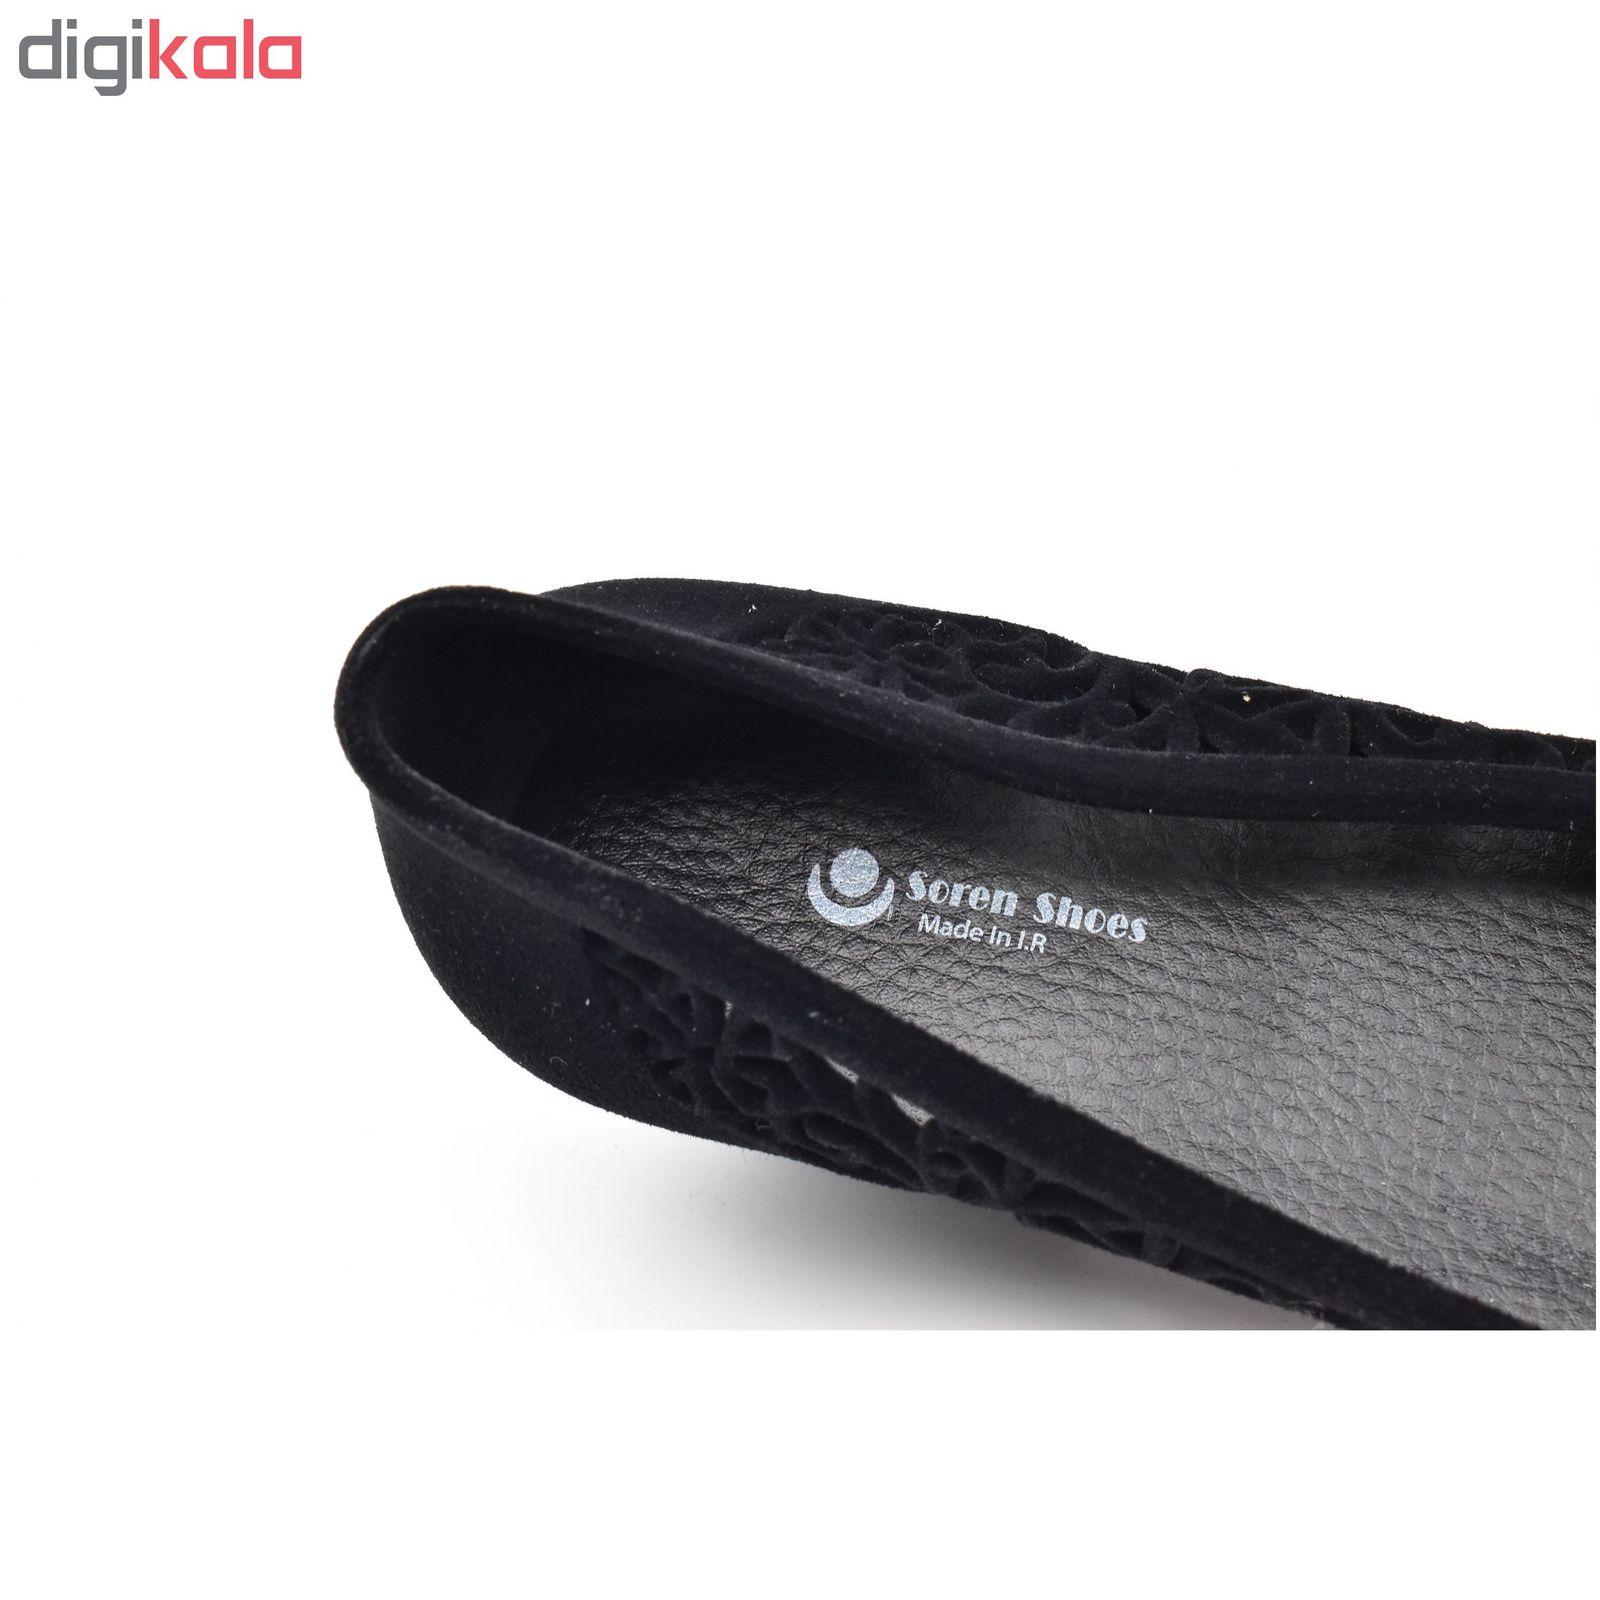 صندل زنانه کفش سورن مدل توران کد 5749 main 1 5